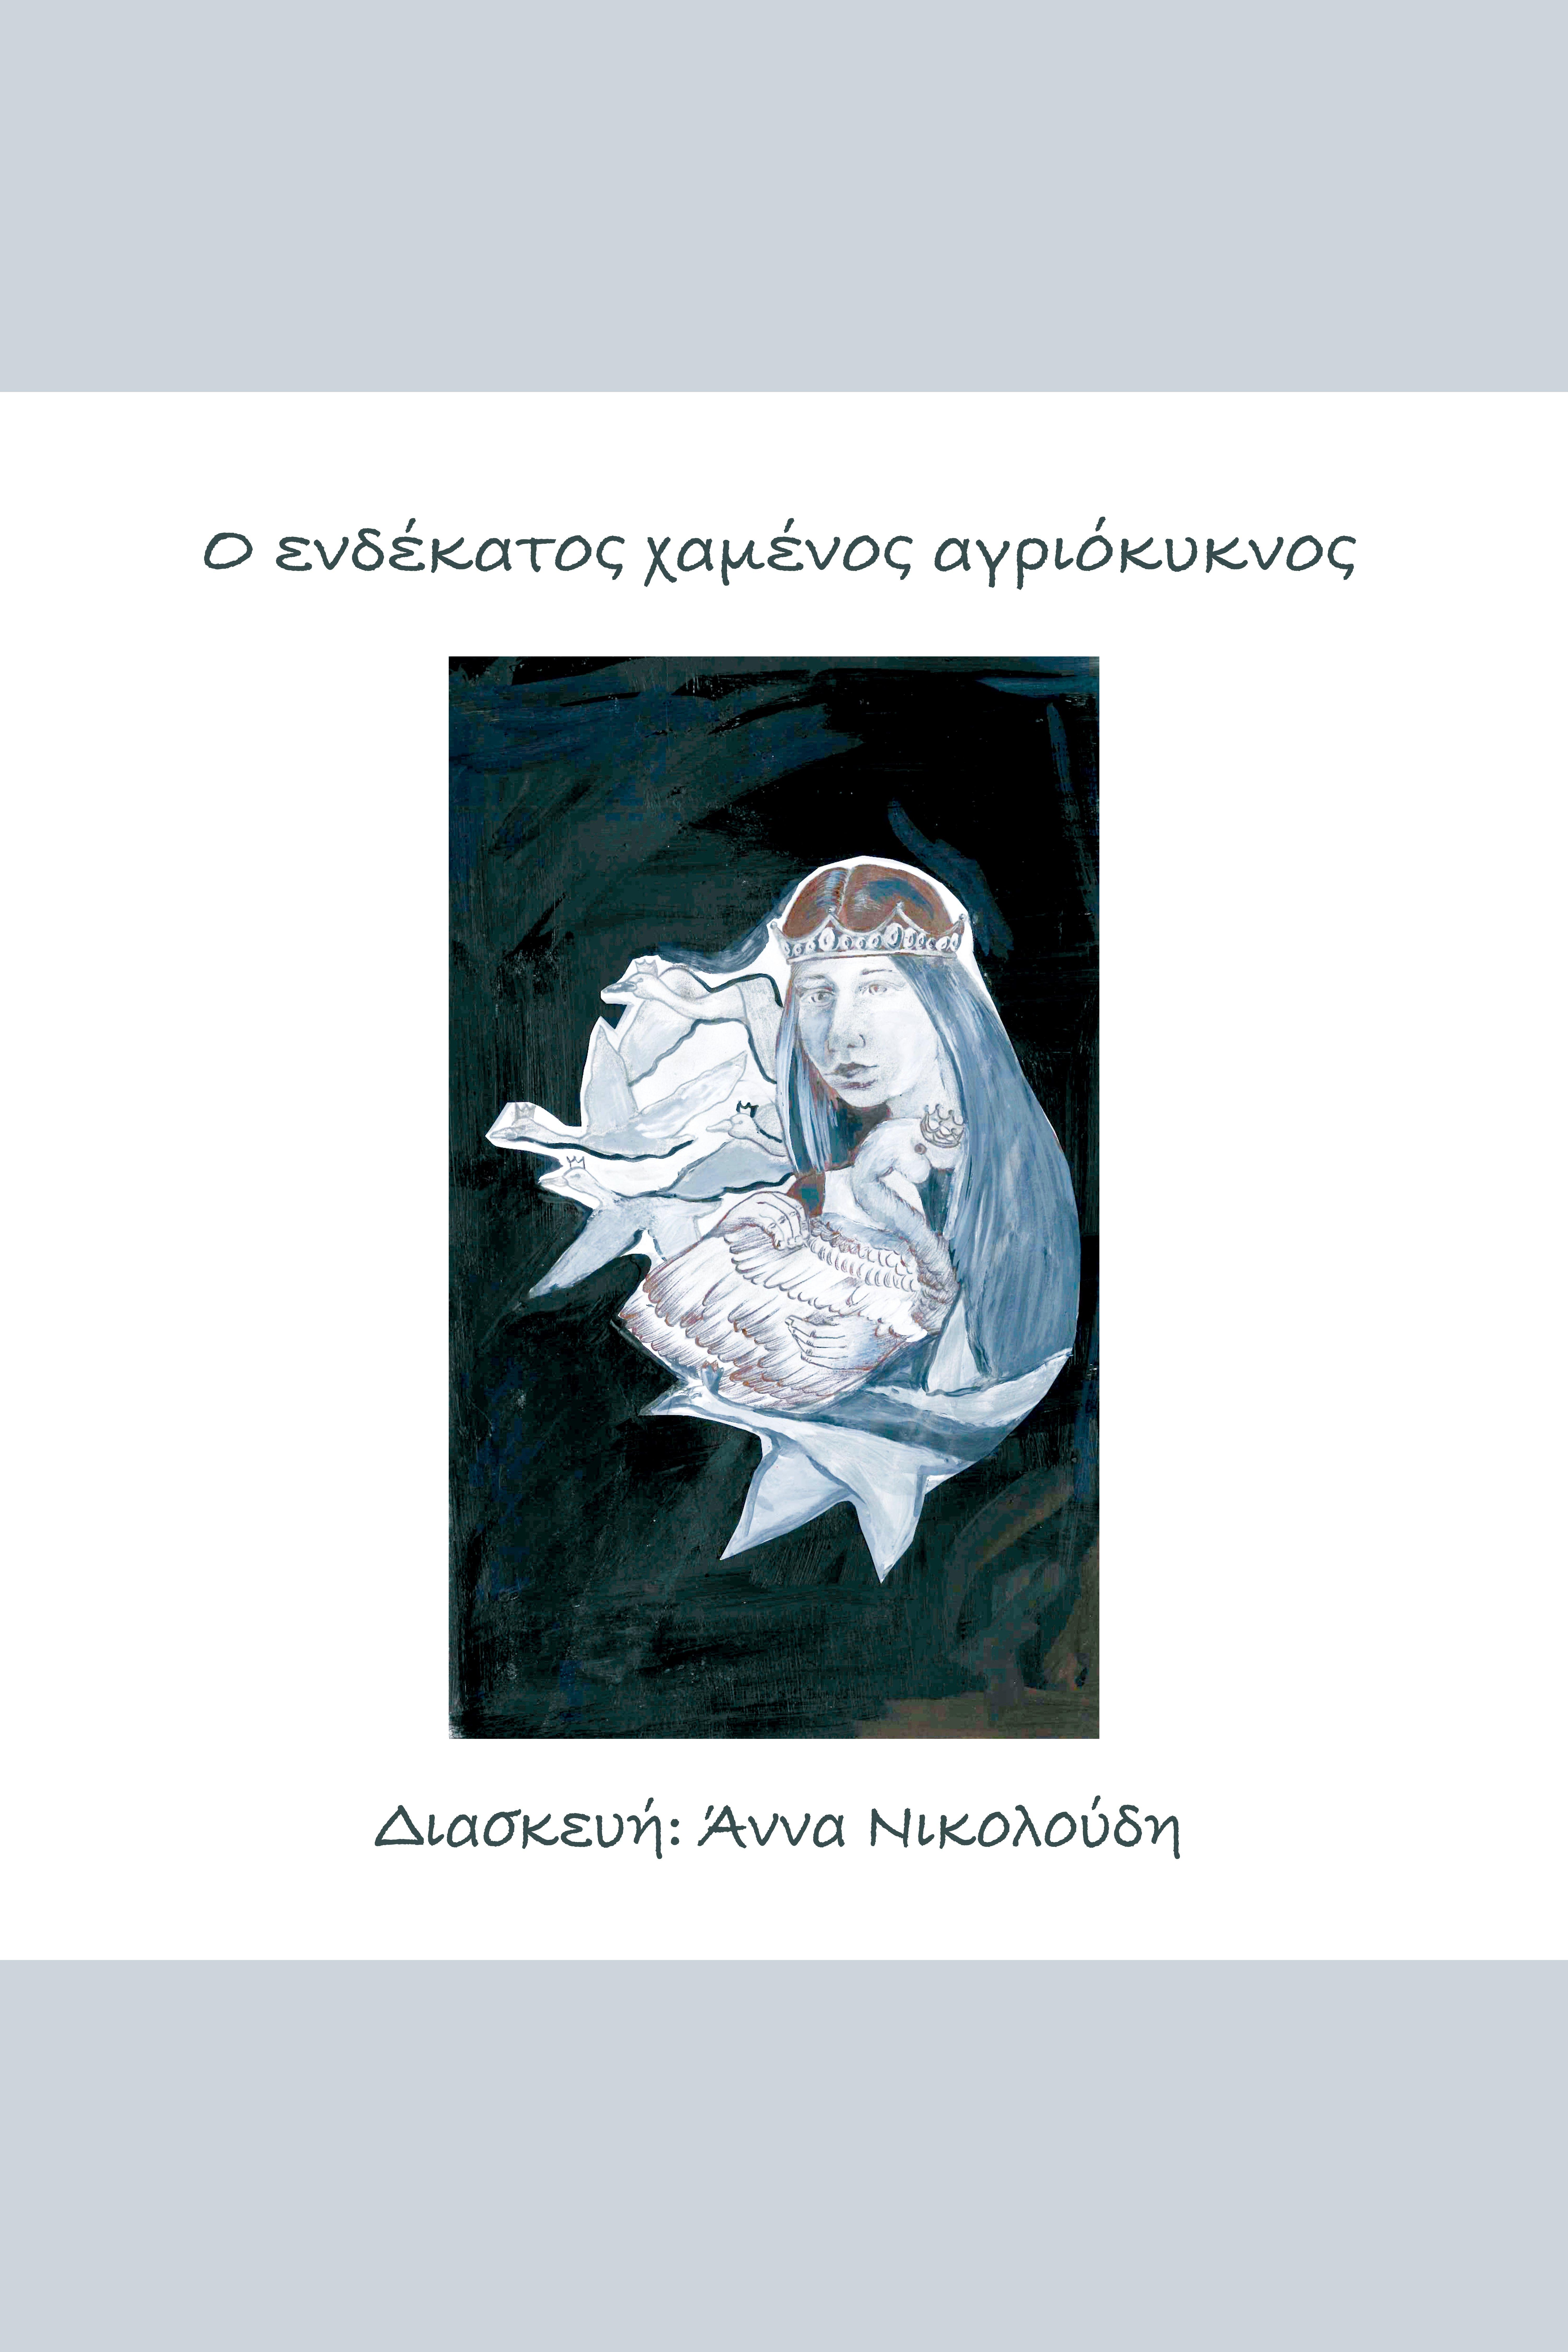 Ο ενδ́εκατος Χαμ́ενος Αγριοκ́υκνος cover image